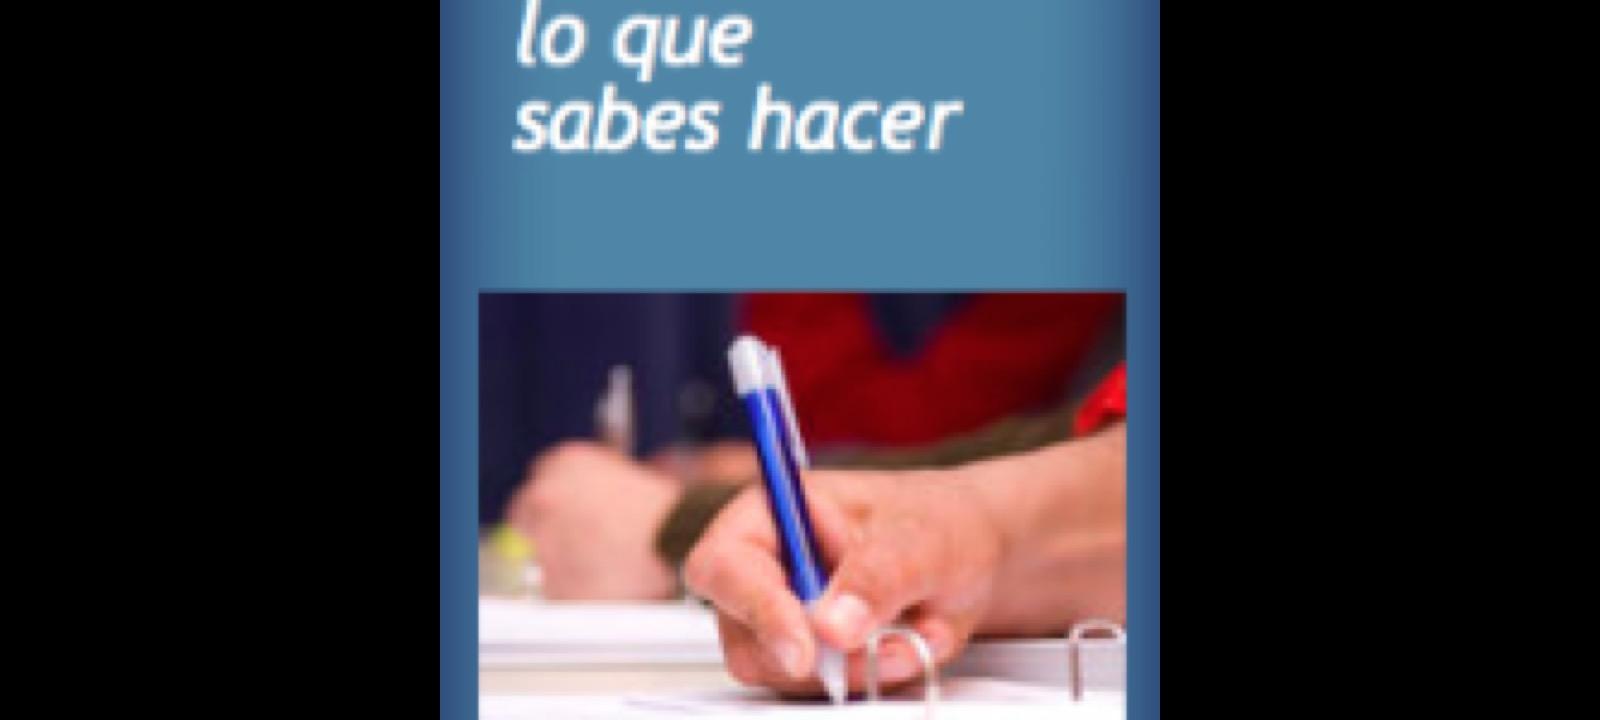 Abierto procedimiento de evaluación y acreditación de competencias profesionales adquiridas a través de experiencia laboral o de vías no formales de formación.